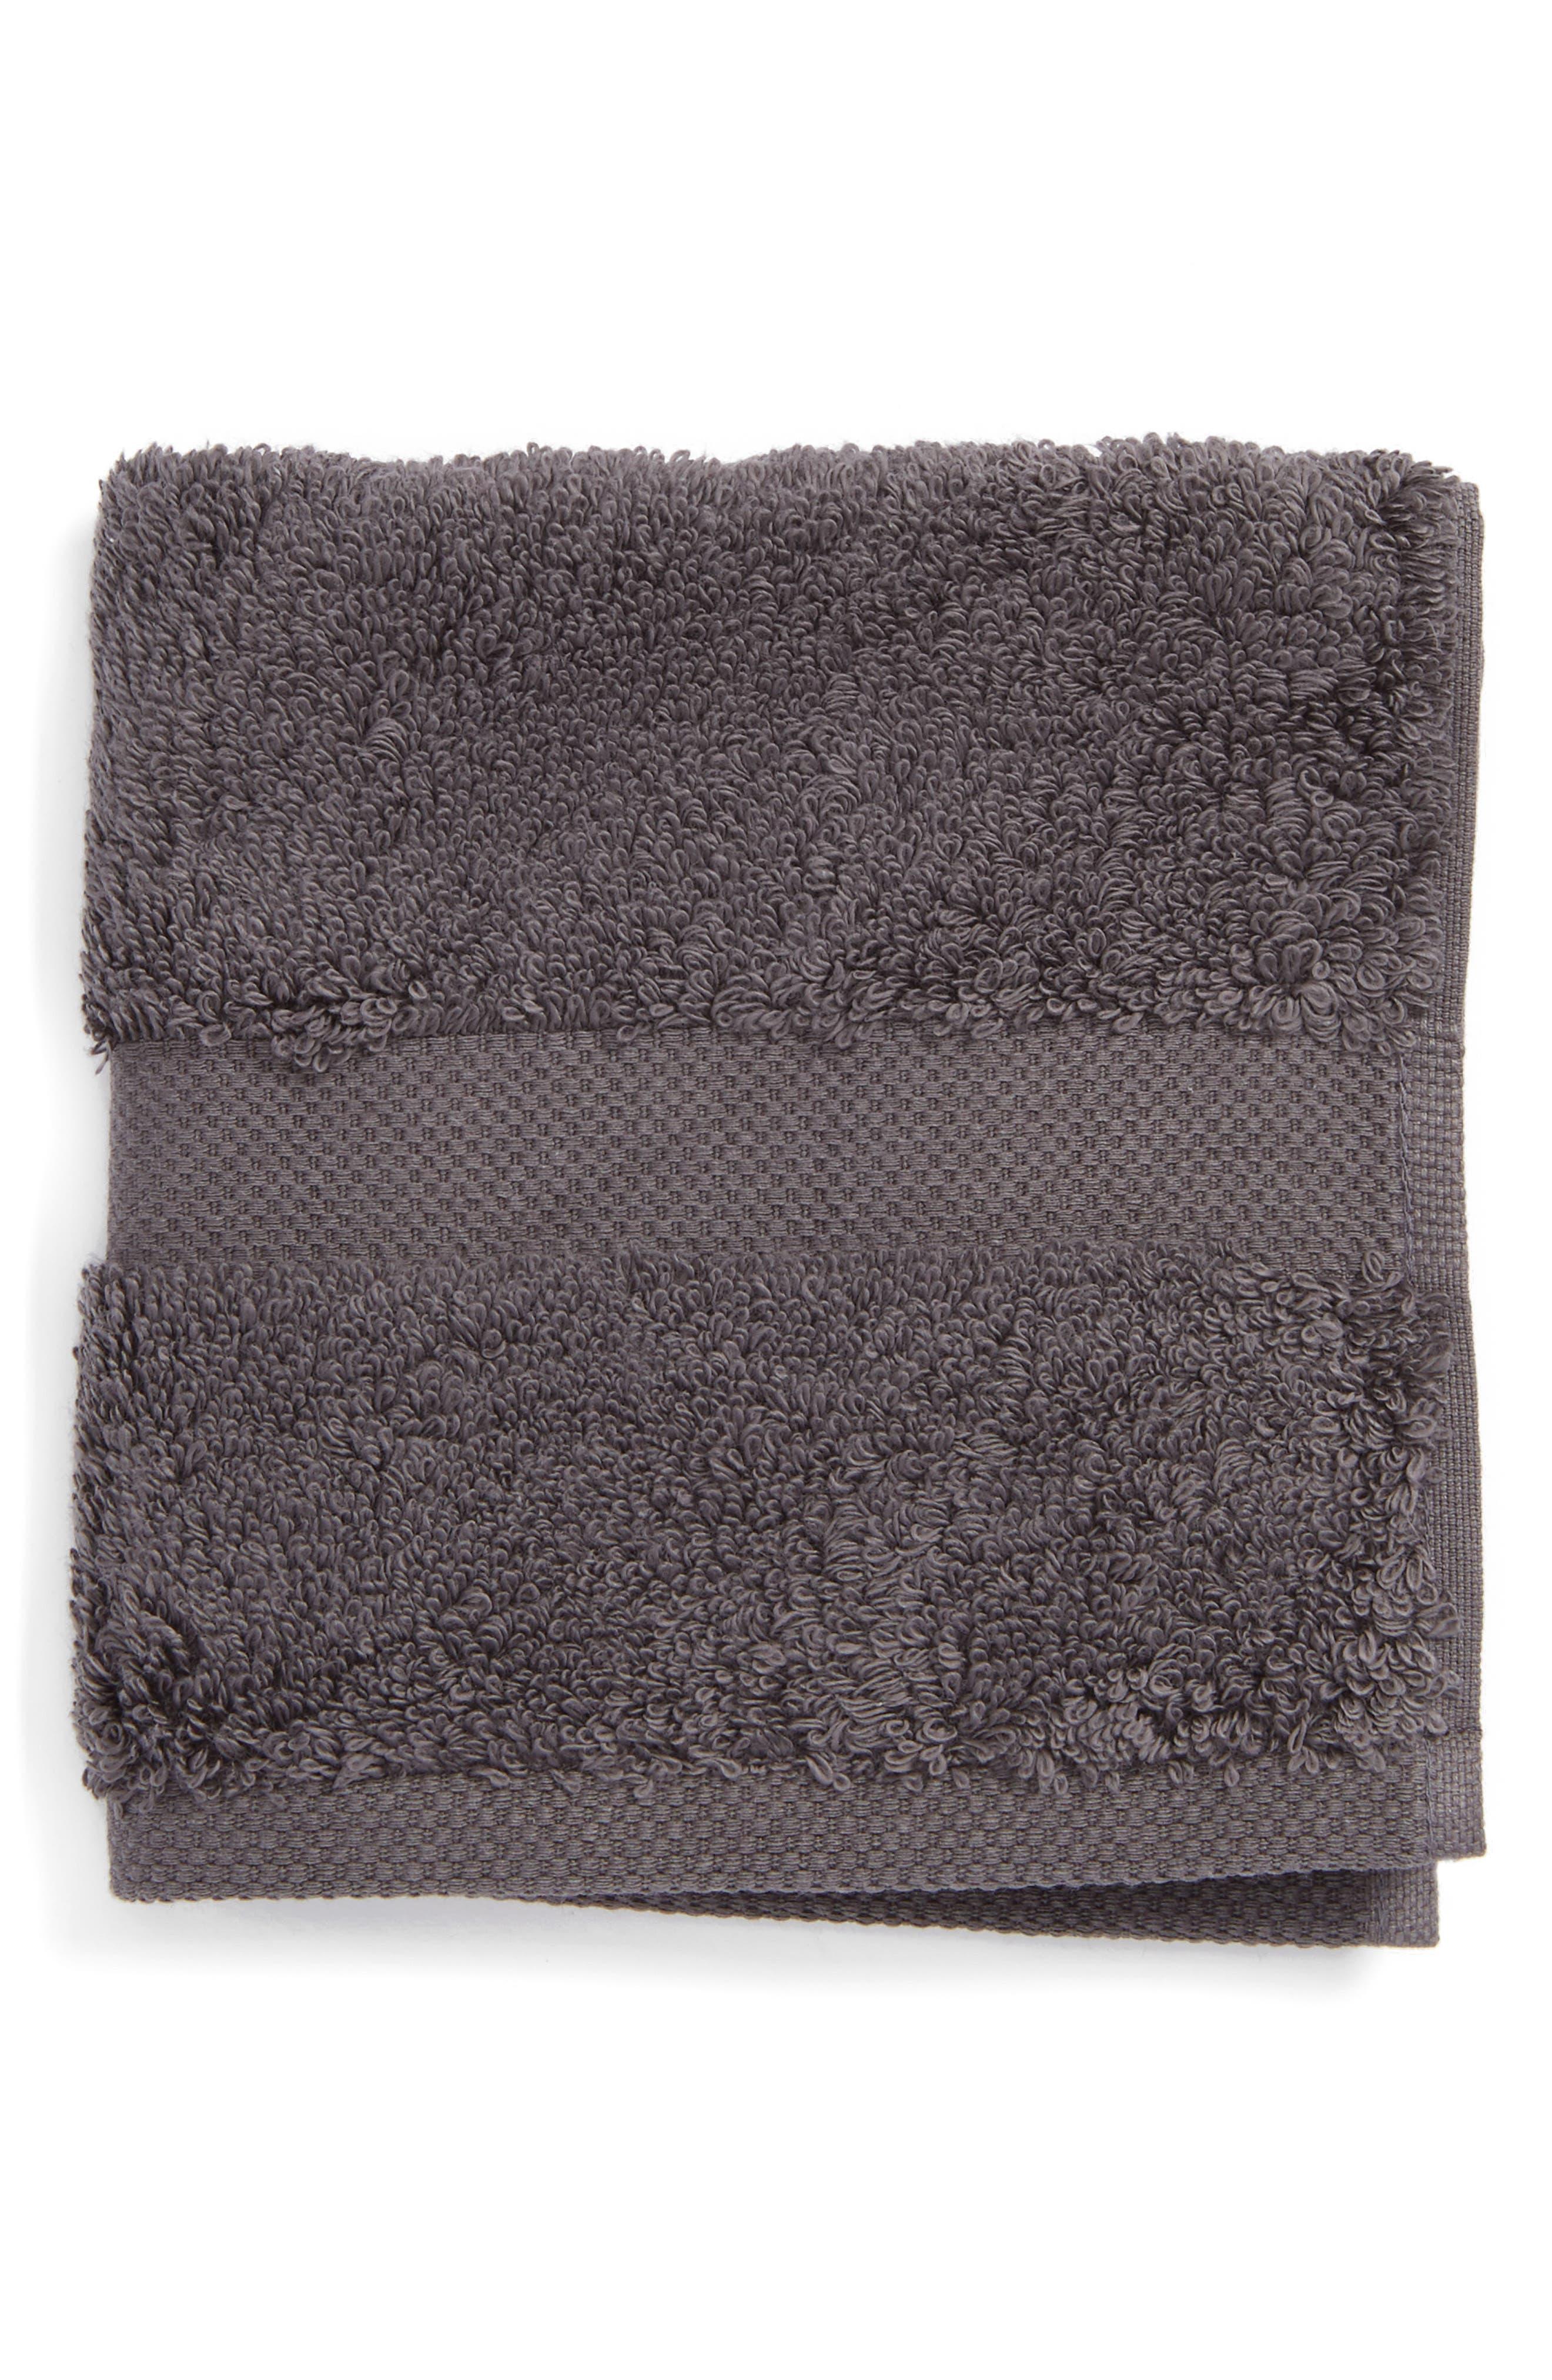 Alternate Image 1 Selected - Matouk Lotus Washcloth